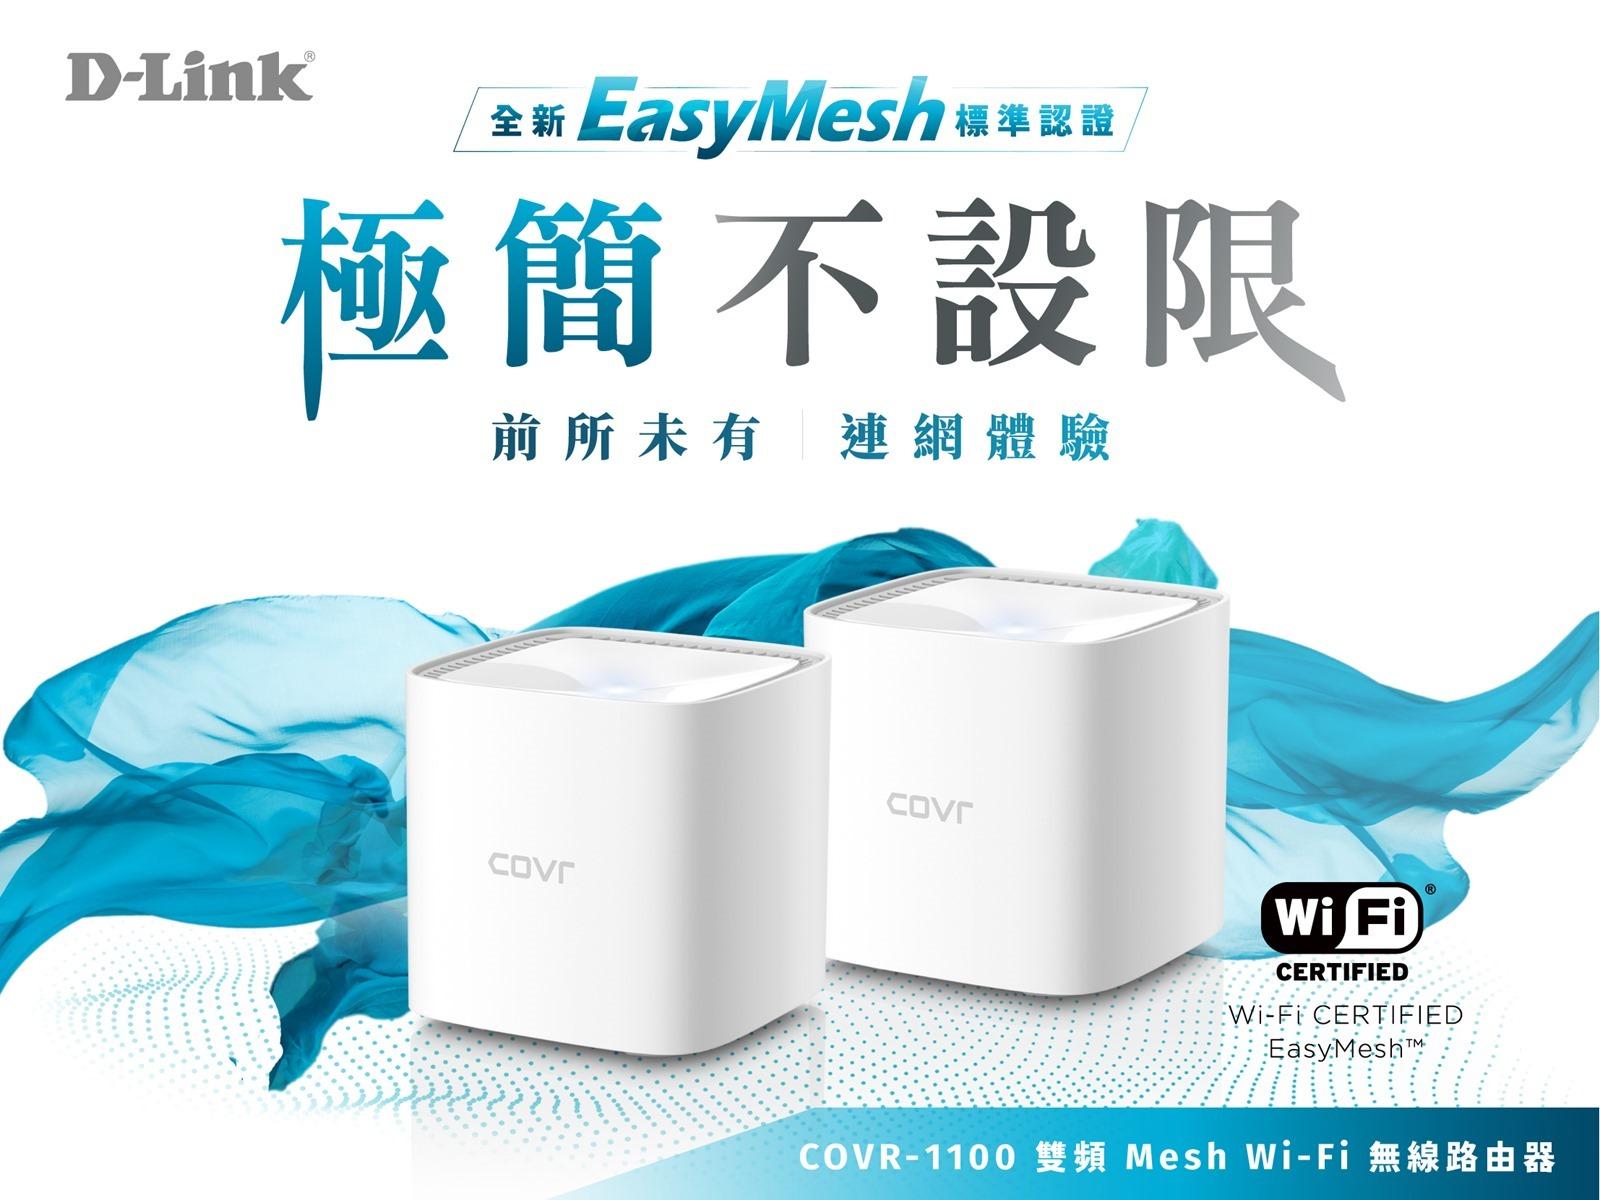 符合全新 EasyMeshTM 標準認證! D-Link Mesh 無線路由器 COVR-1100 美型登場! @3C 達人廖阿輝